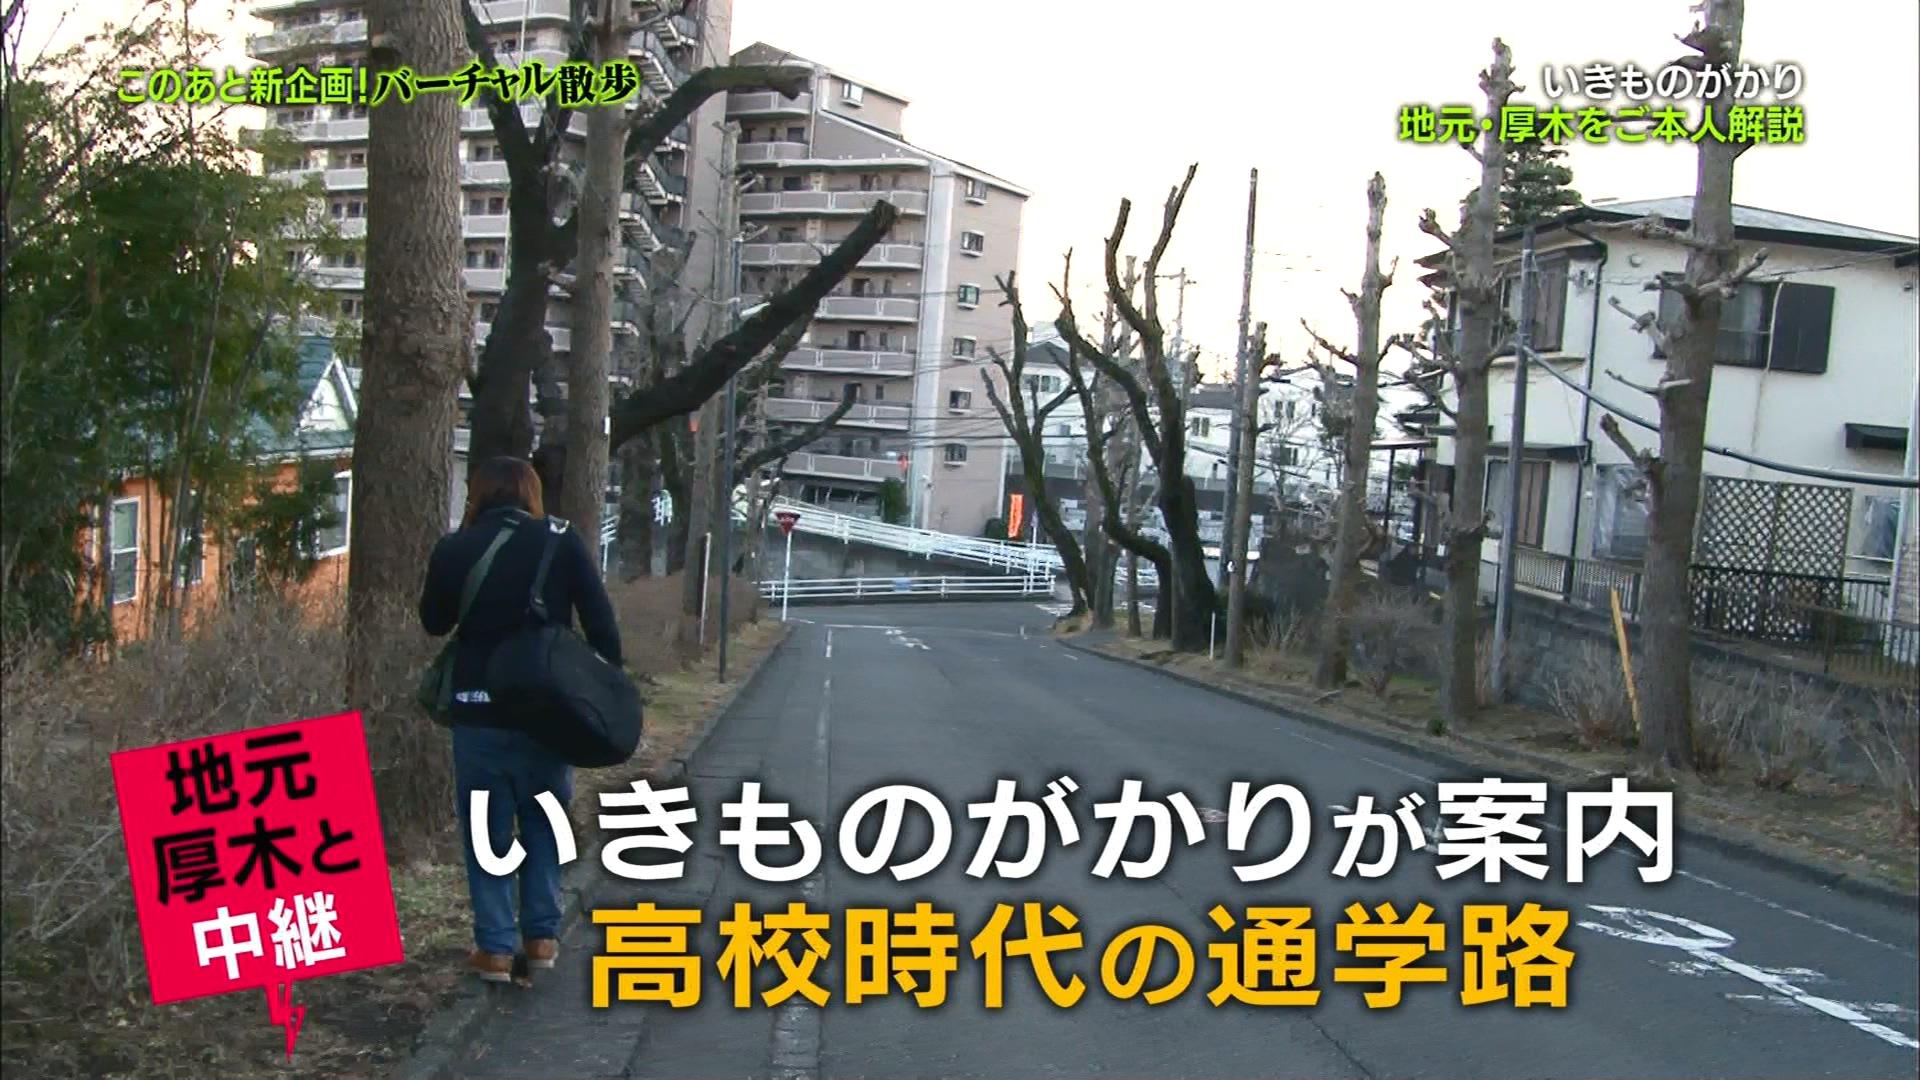 2016.03.11 全場(バズリズム).ts_20160312_013613.045